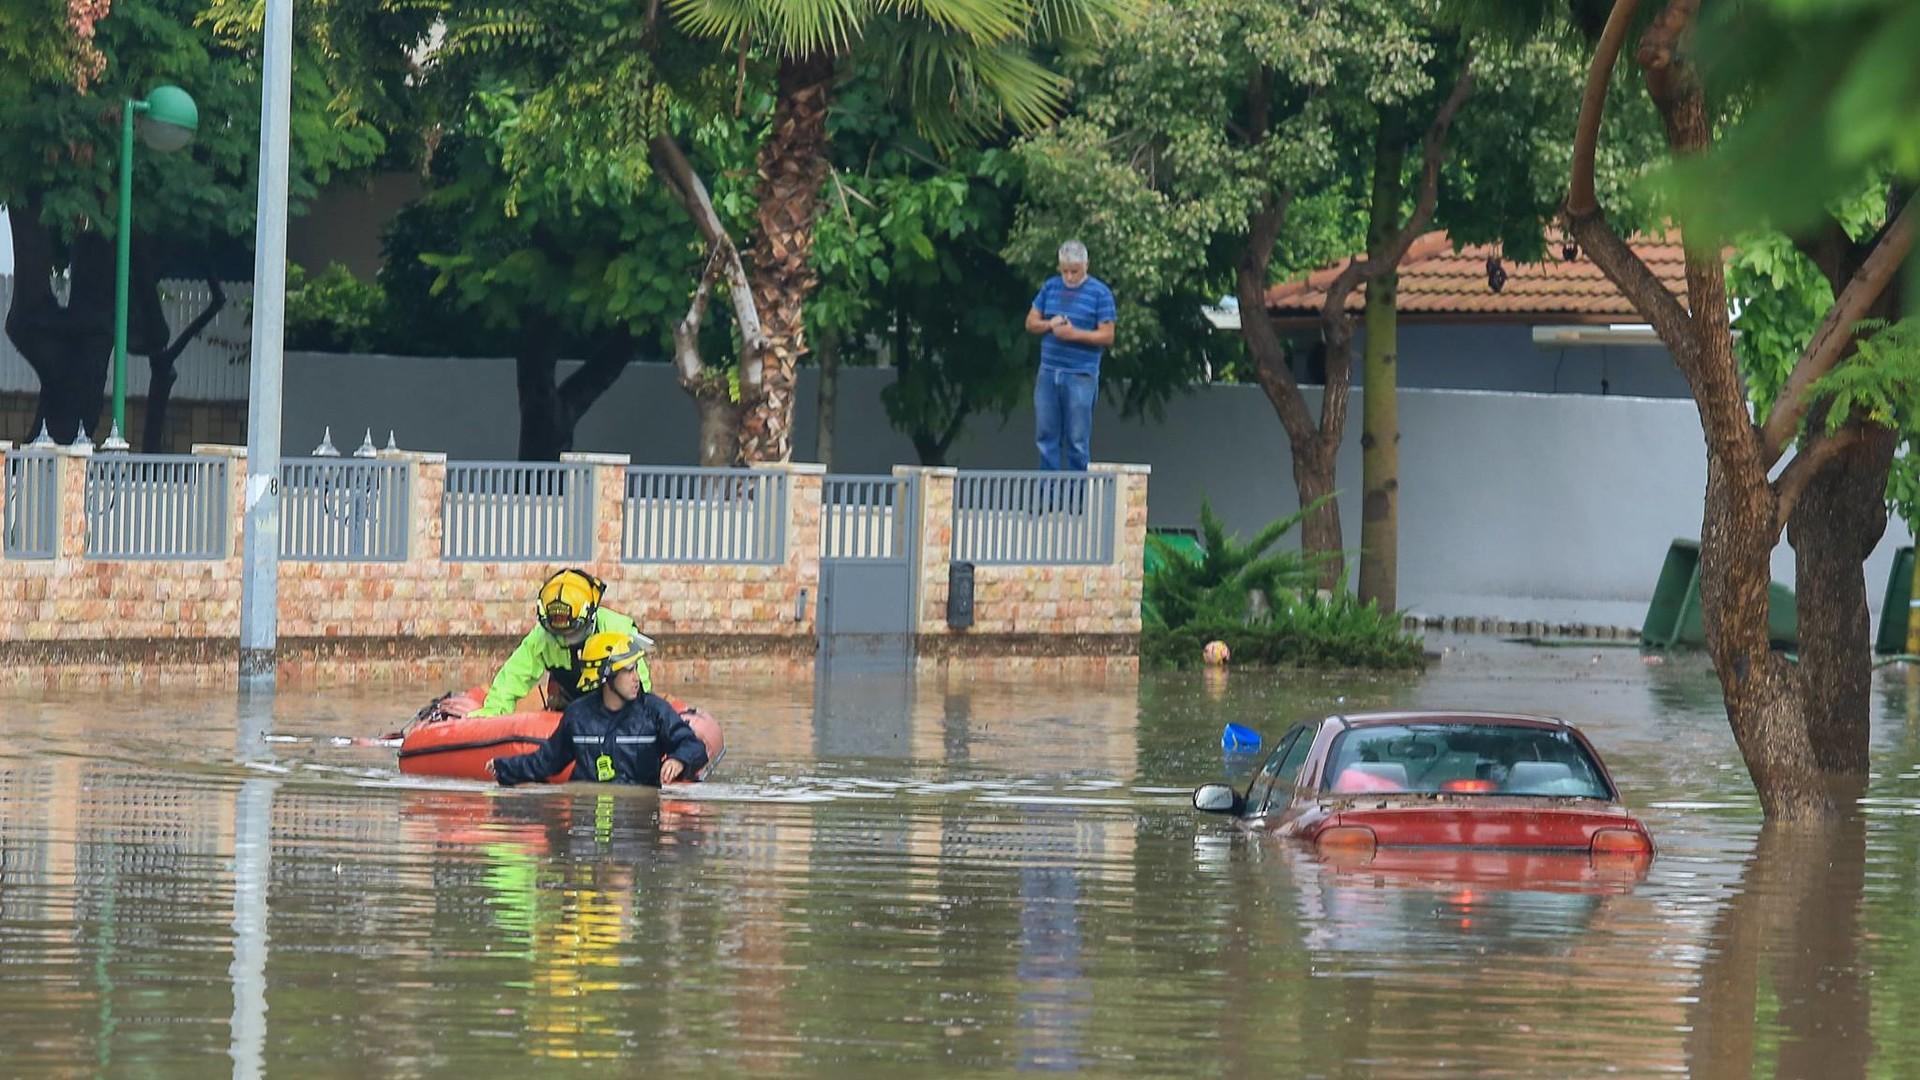 Сильные наводнения обрушились на Израиль после одного из самых дождливых дней в истории страны  - фото 3